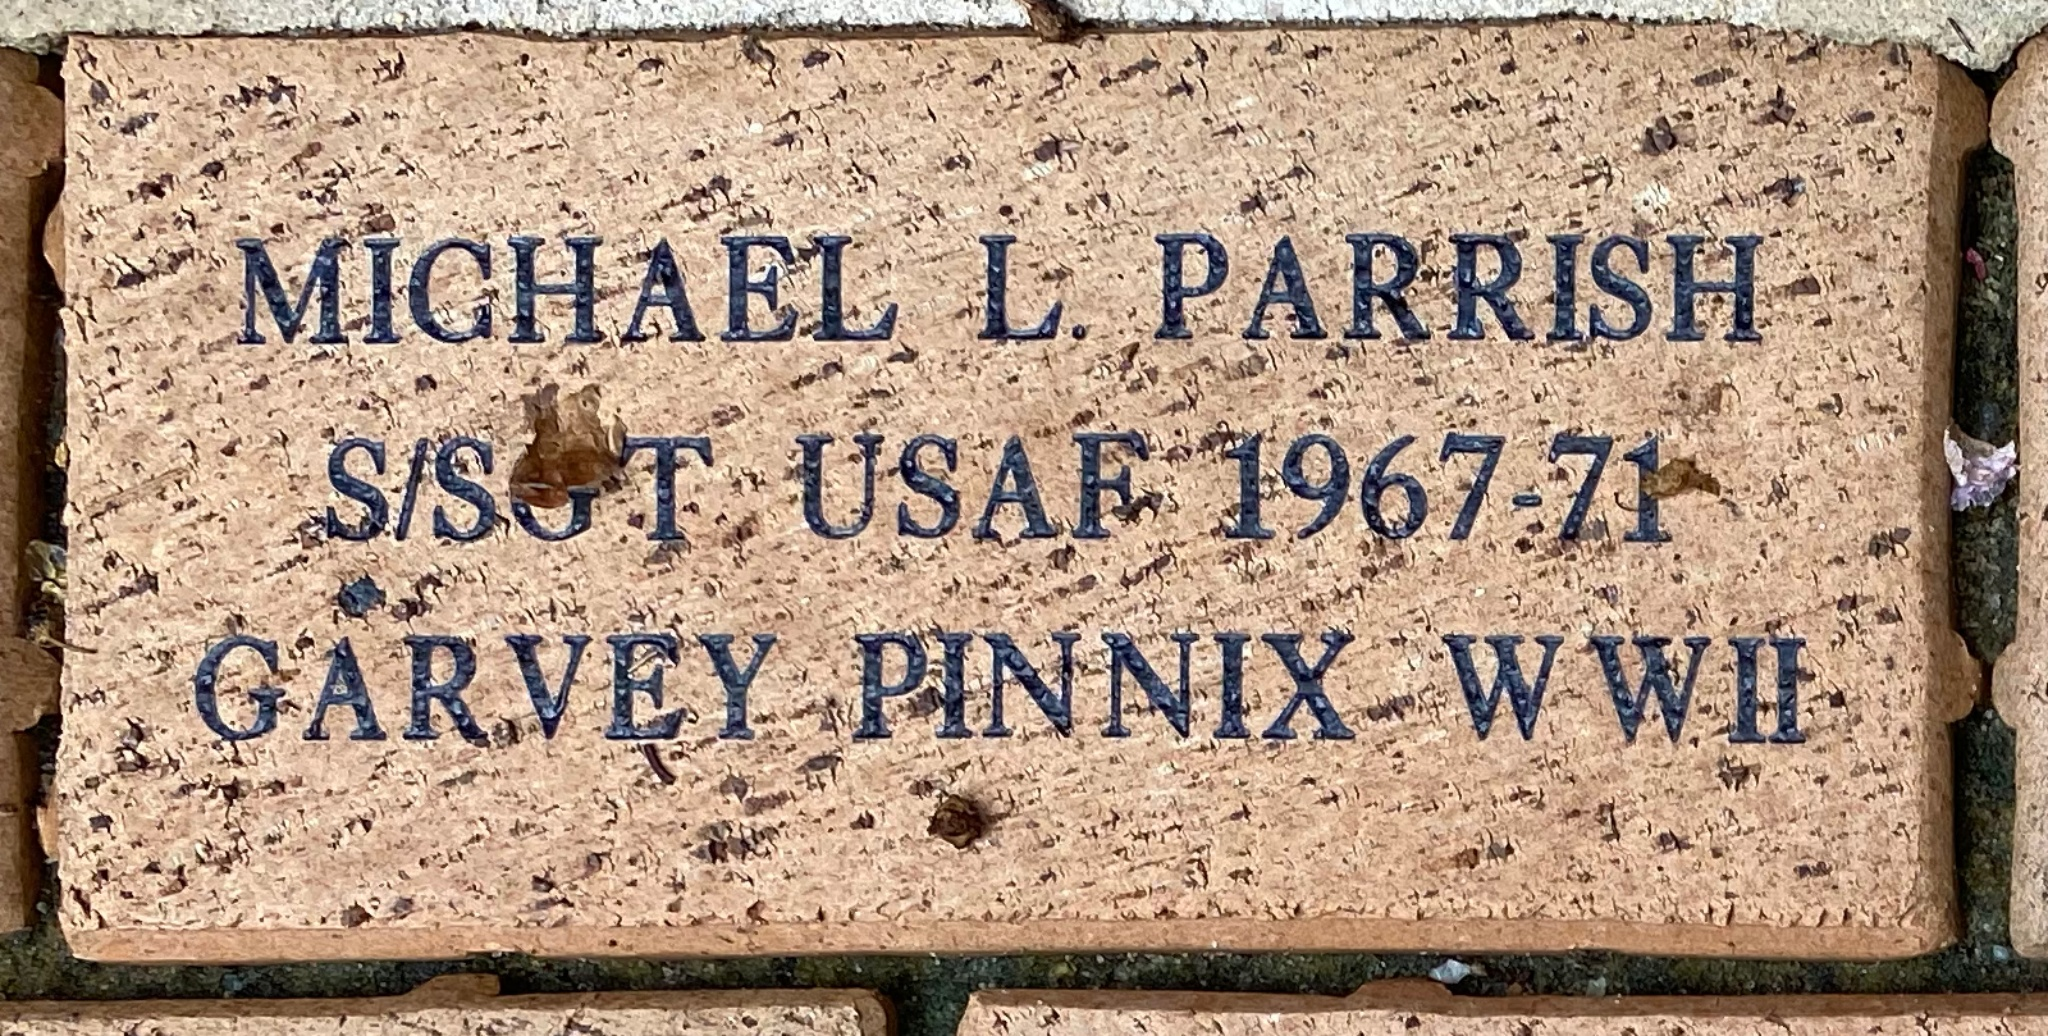 MICHAEL L. PARRISH S/SGT USAF 1967-71 GARVEY PINNIX WWII